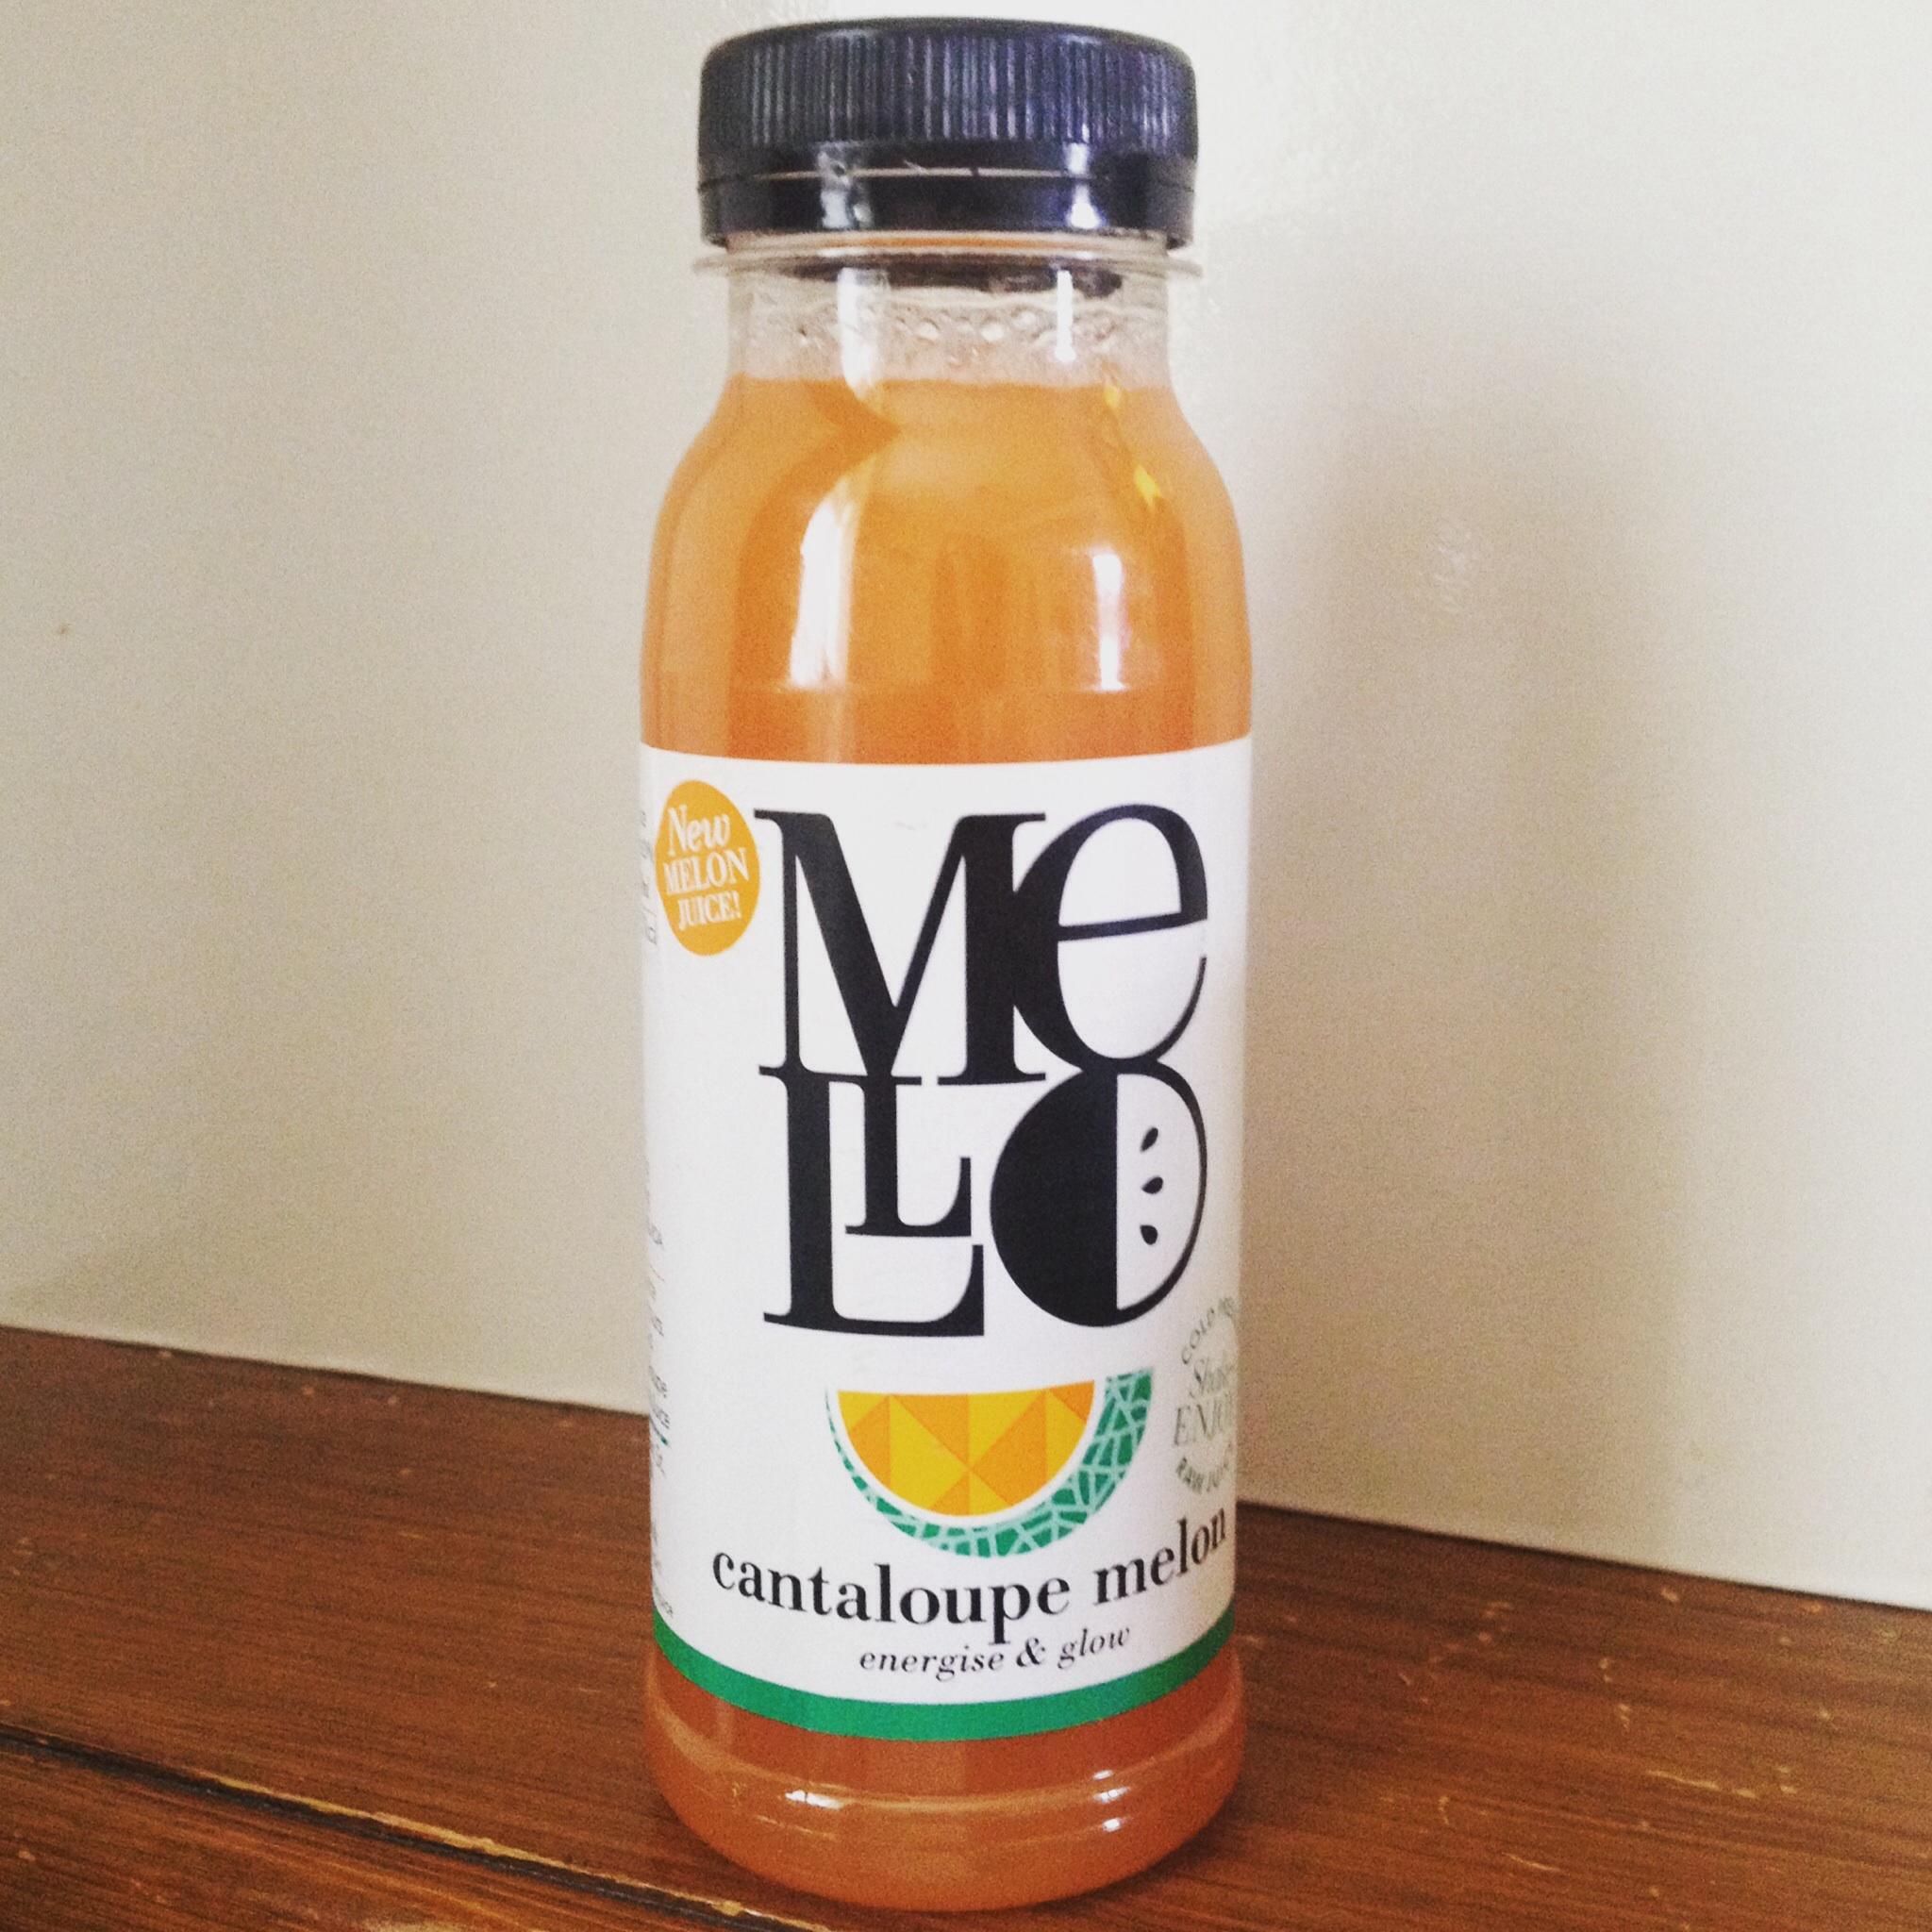 Mello juice